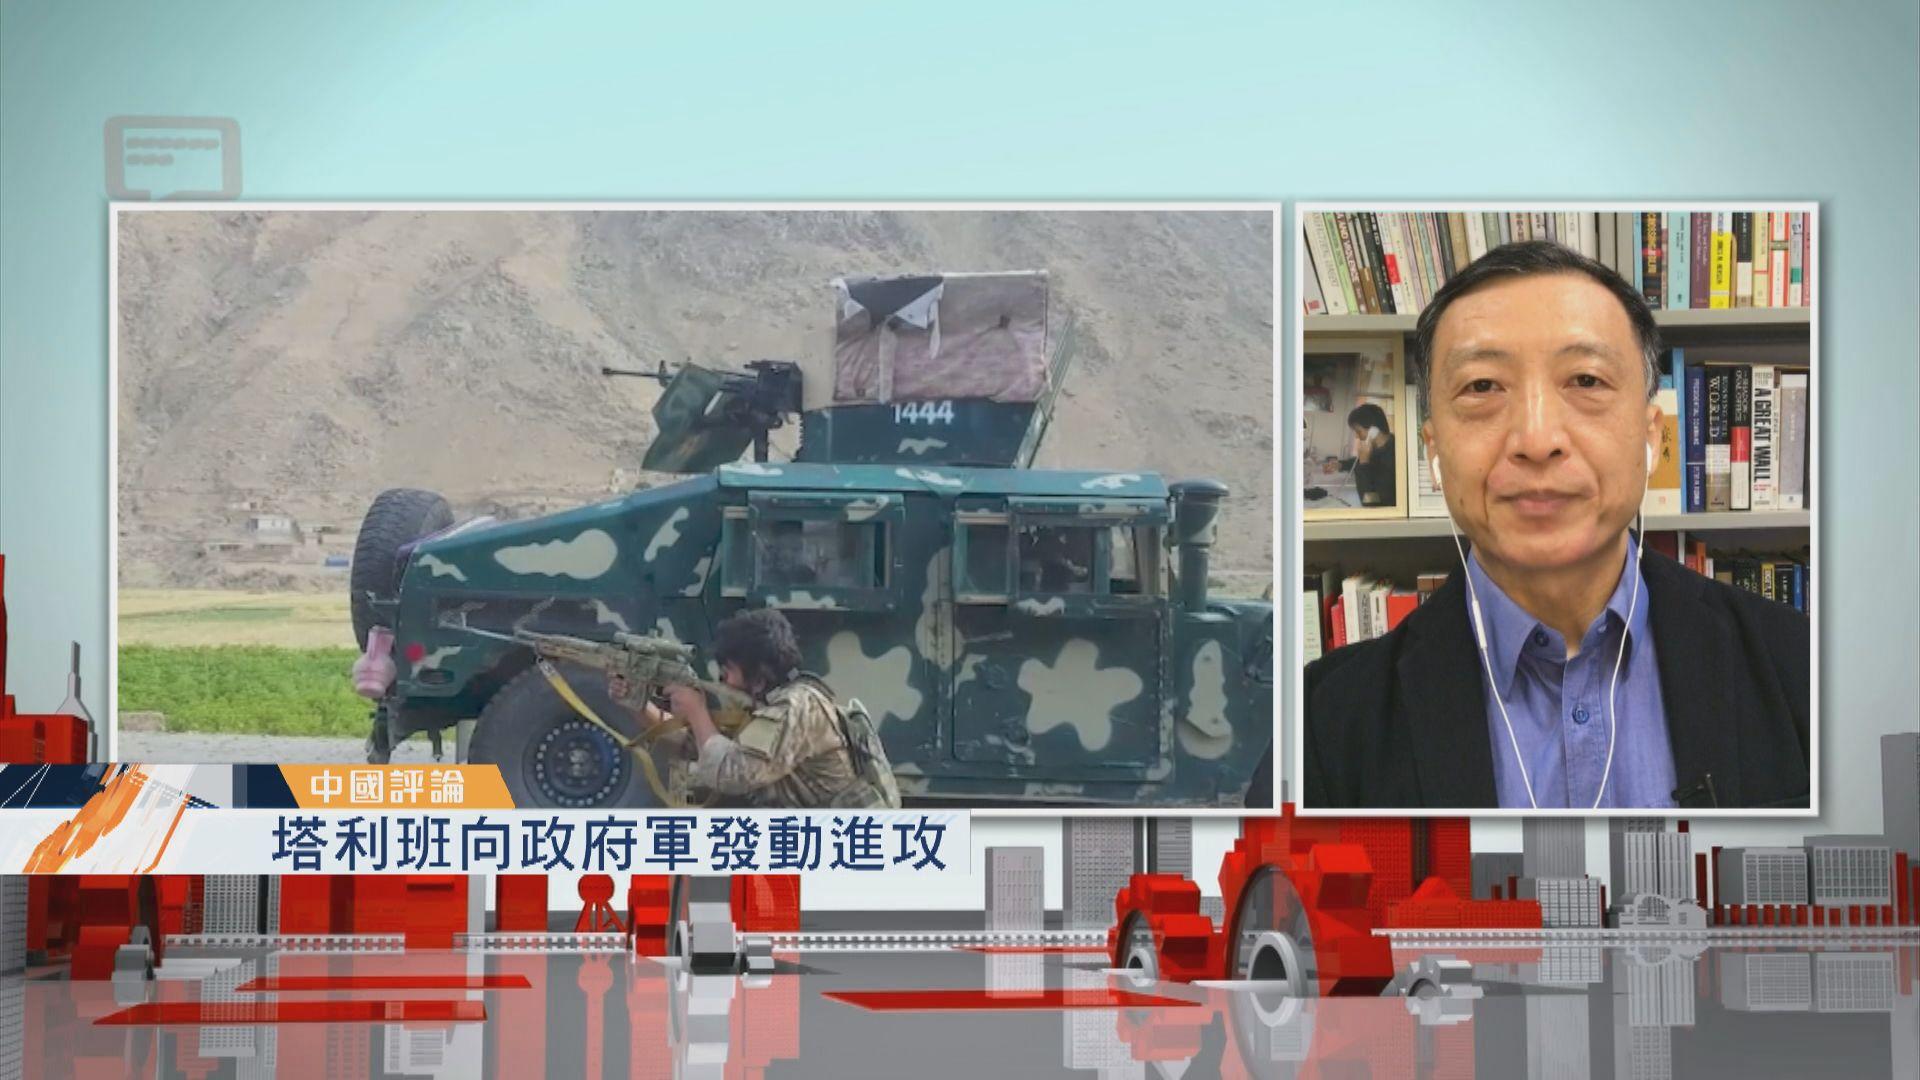 【中國評論】美國由阿富汗撤軍對中國影響